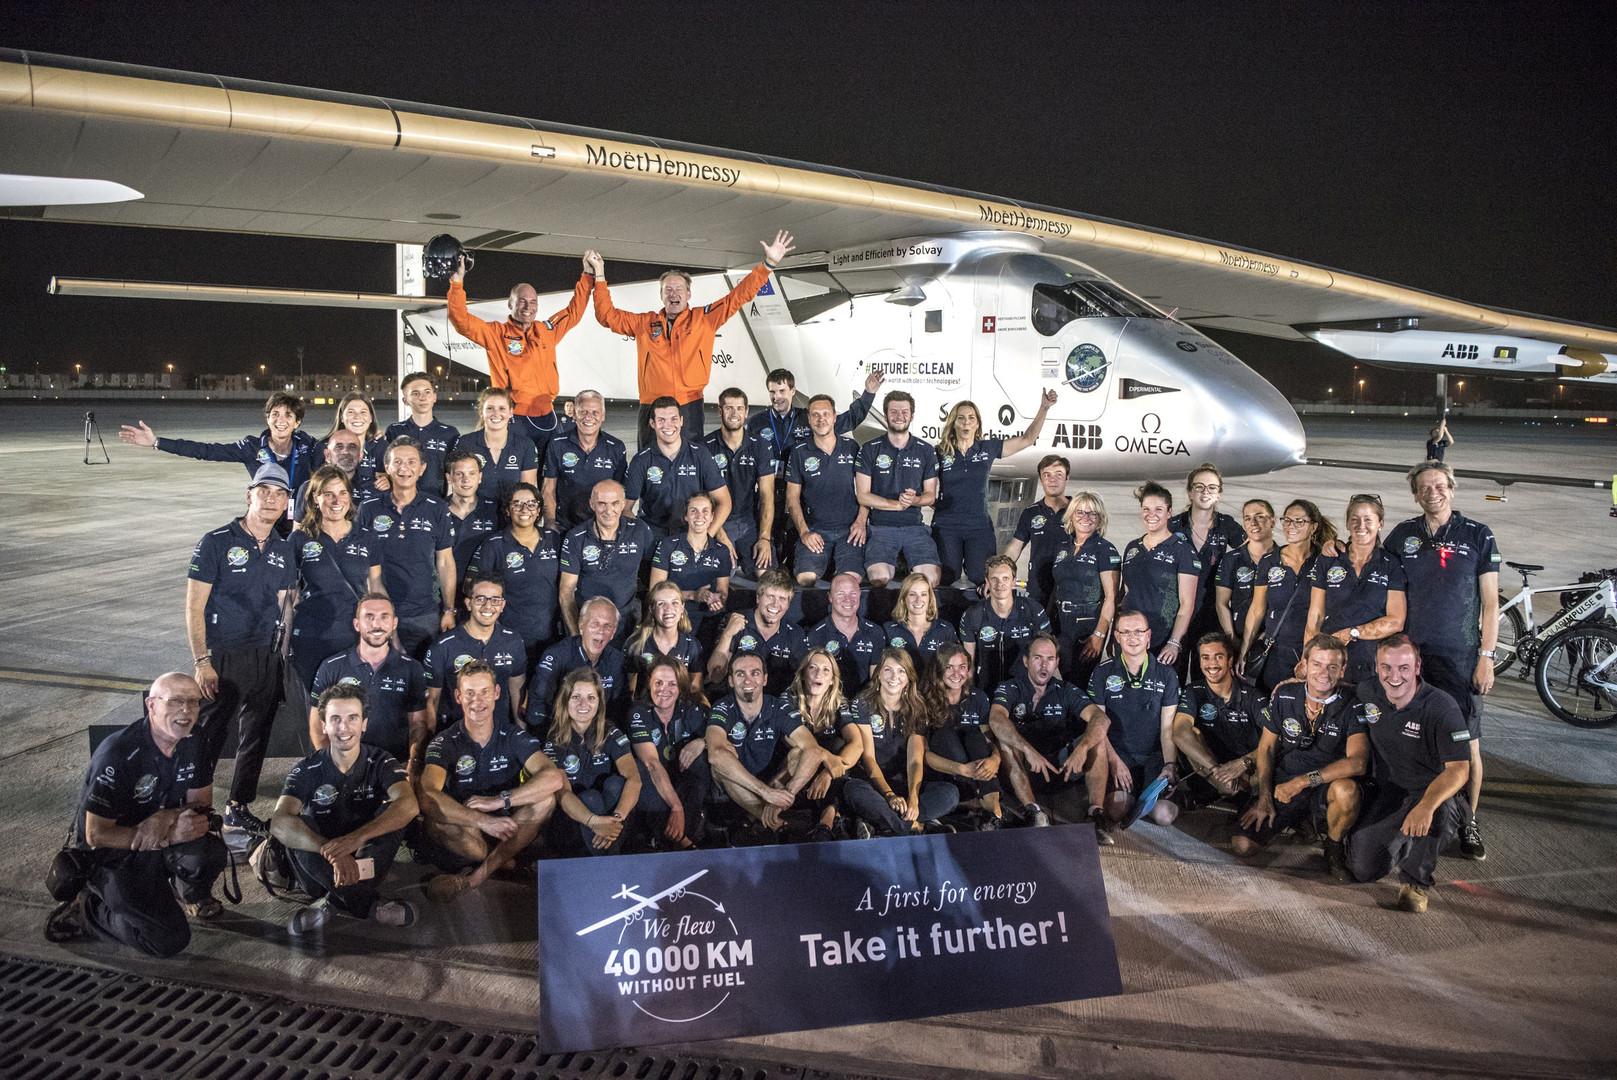 Швейцарские пилоты Андре Боршберг и Бертран Пиккар с командой  Solar Impulse 2 после завершения кругосветного путешествия в Абу-Даби, 26 июля 2016 года